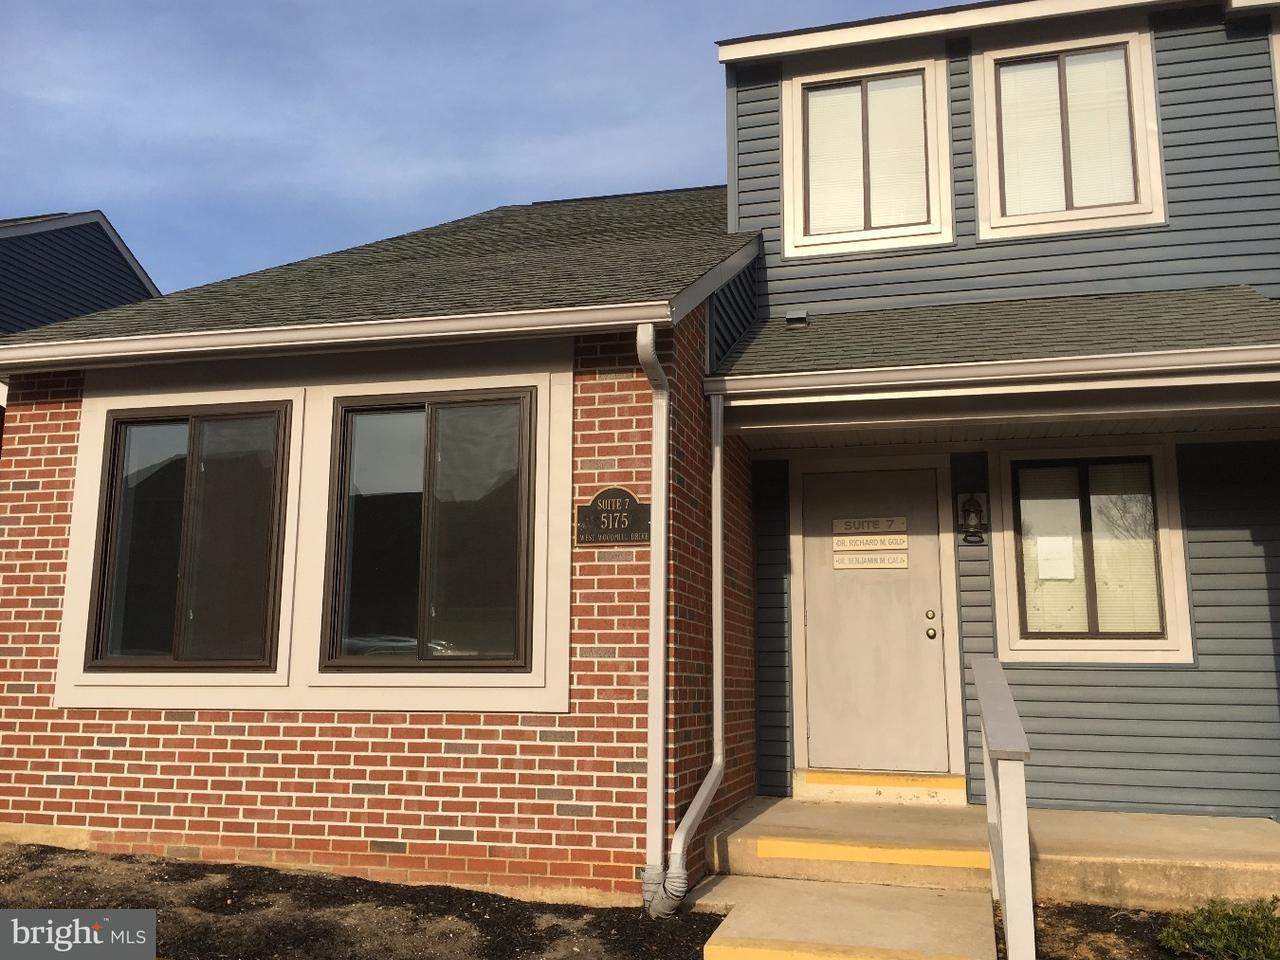 Maison unifamiliale pour l Vente à 5175 W WOODMILL DR #7 Marshallton, Delaware 19808 États-Unis